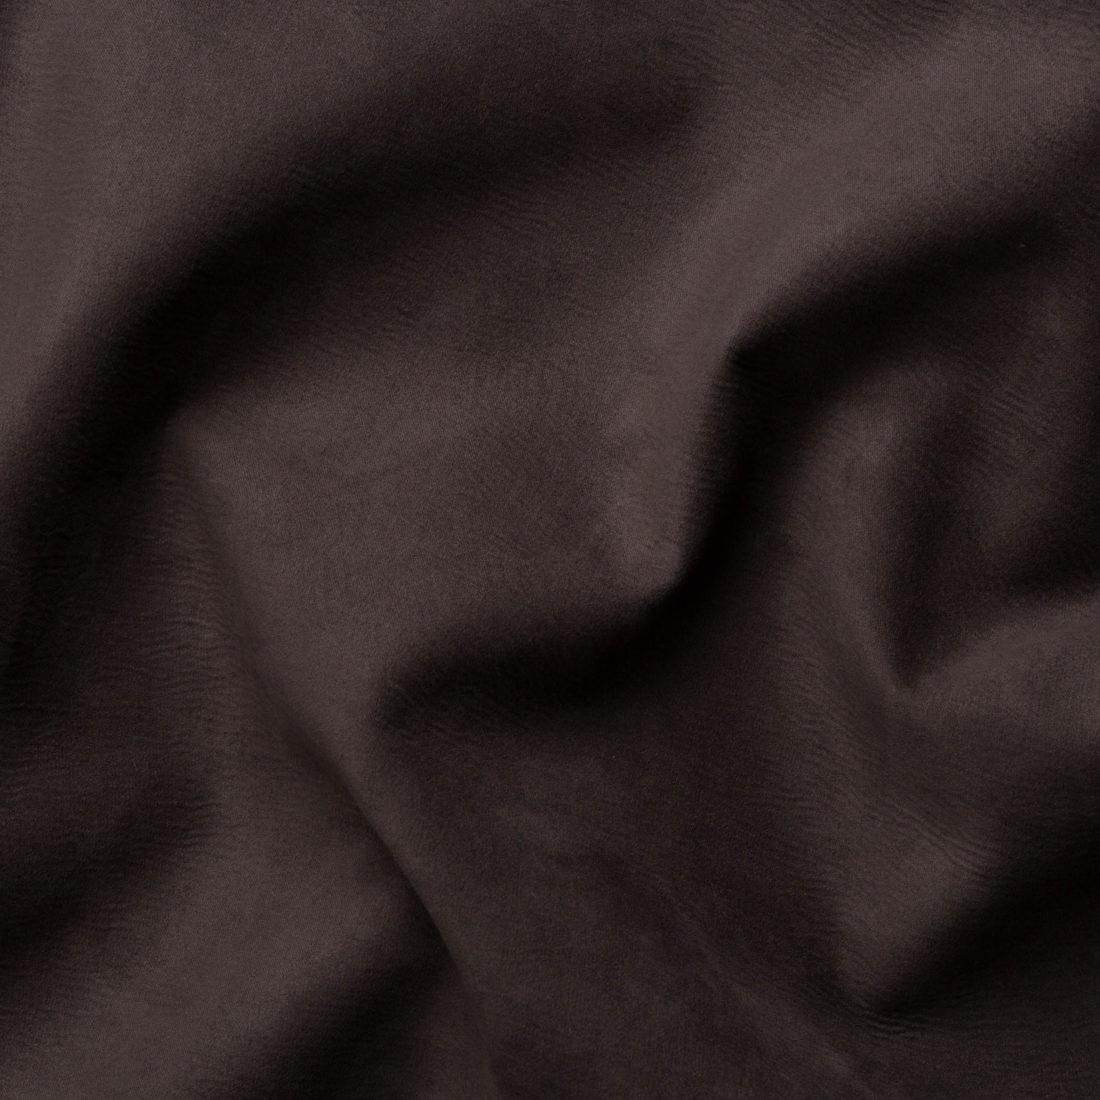 Мебельная ткань Diva 108 Espresso, искусственная замша